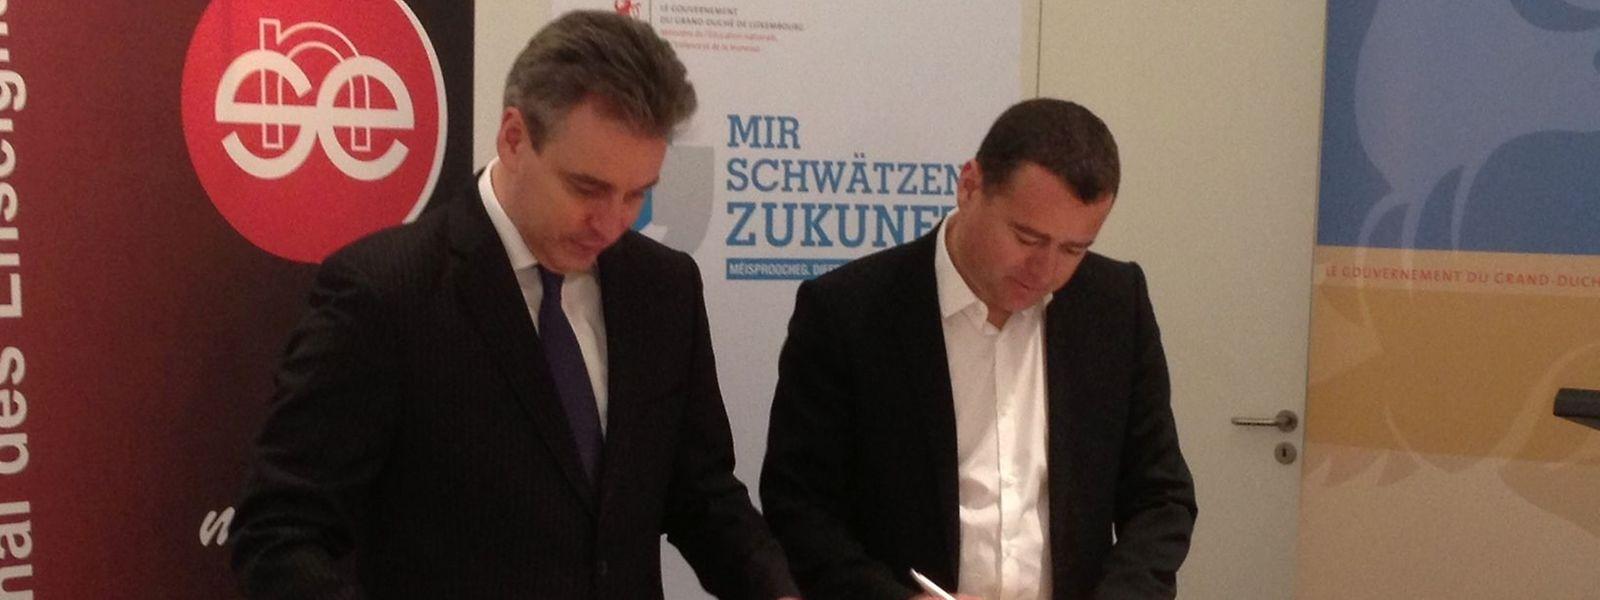 Bildungsminister Claude Meisch (l.) und SNE-Präsident Patrick Remakel haben sich auf ein Abkommen zur Entwicklung der Schulqualität im Fondamental geeinigt.